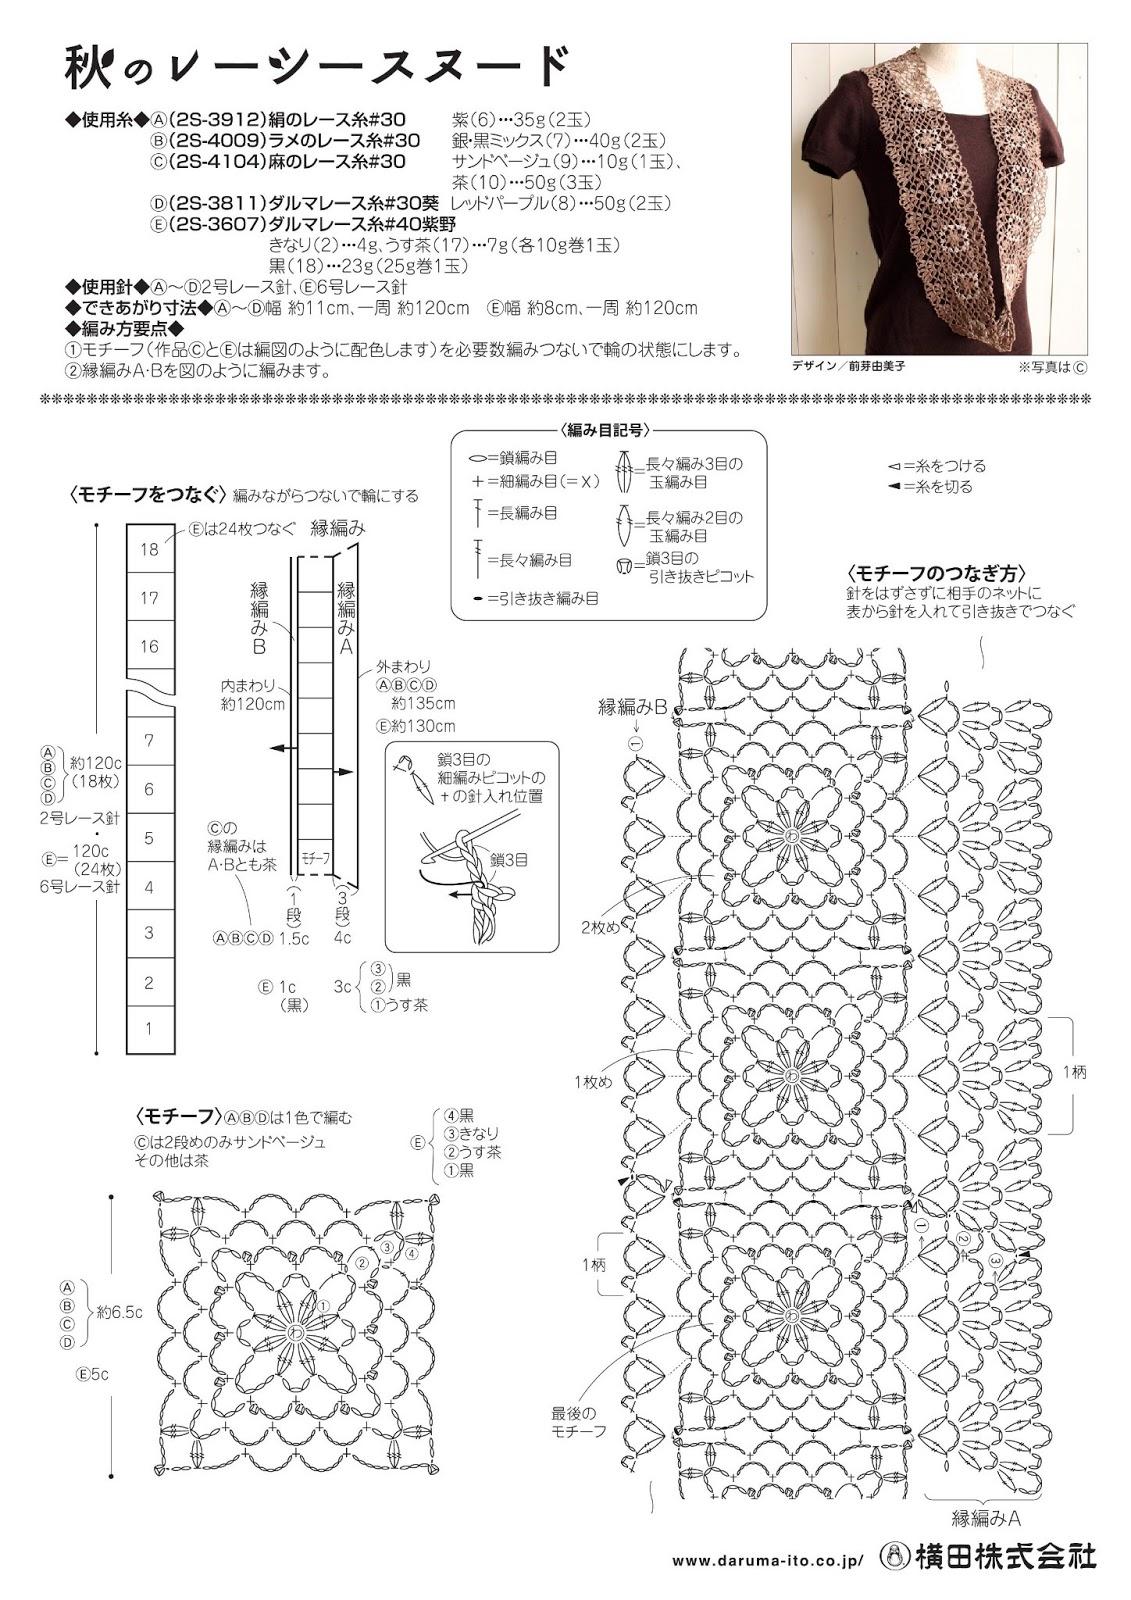 схема вязания шарфа манишка спицами